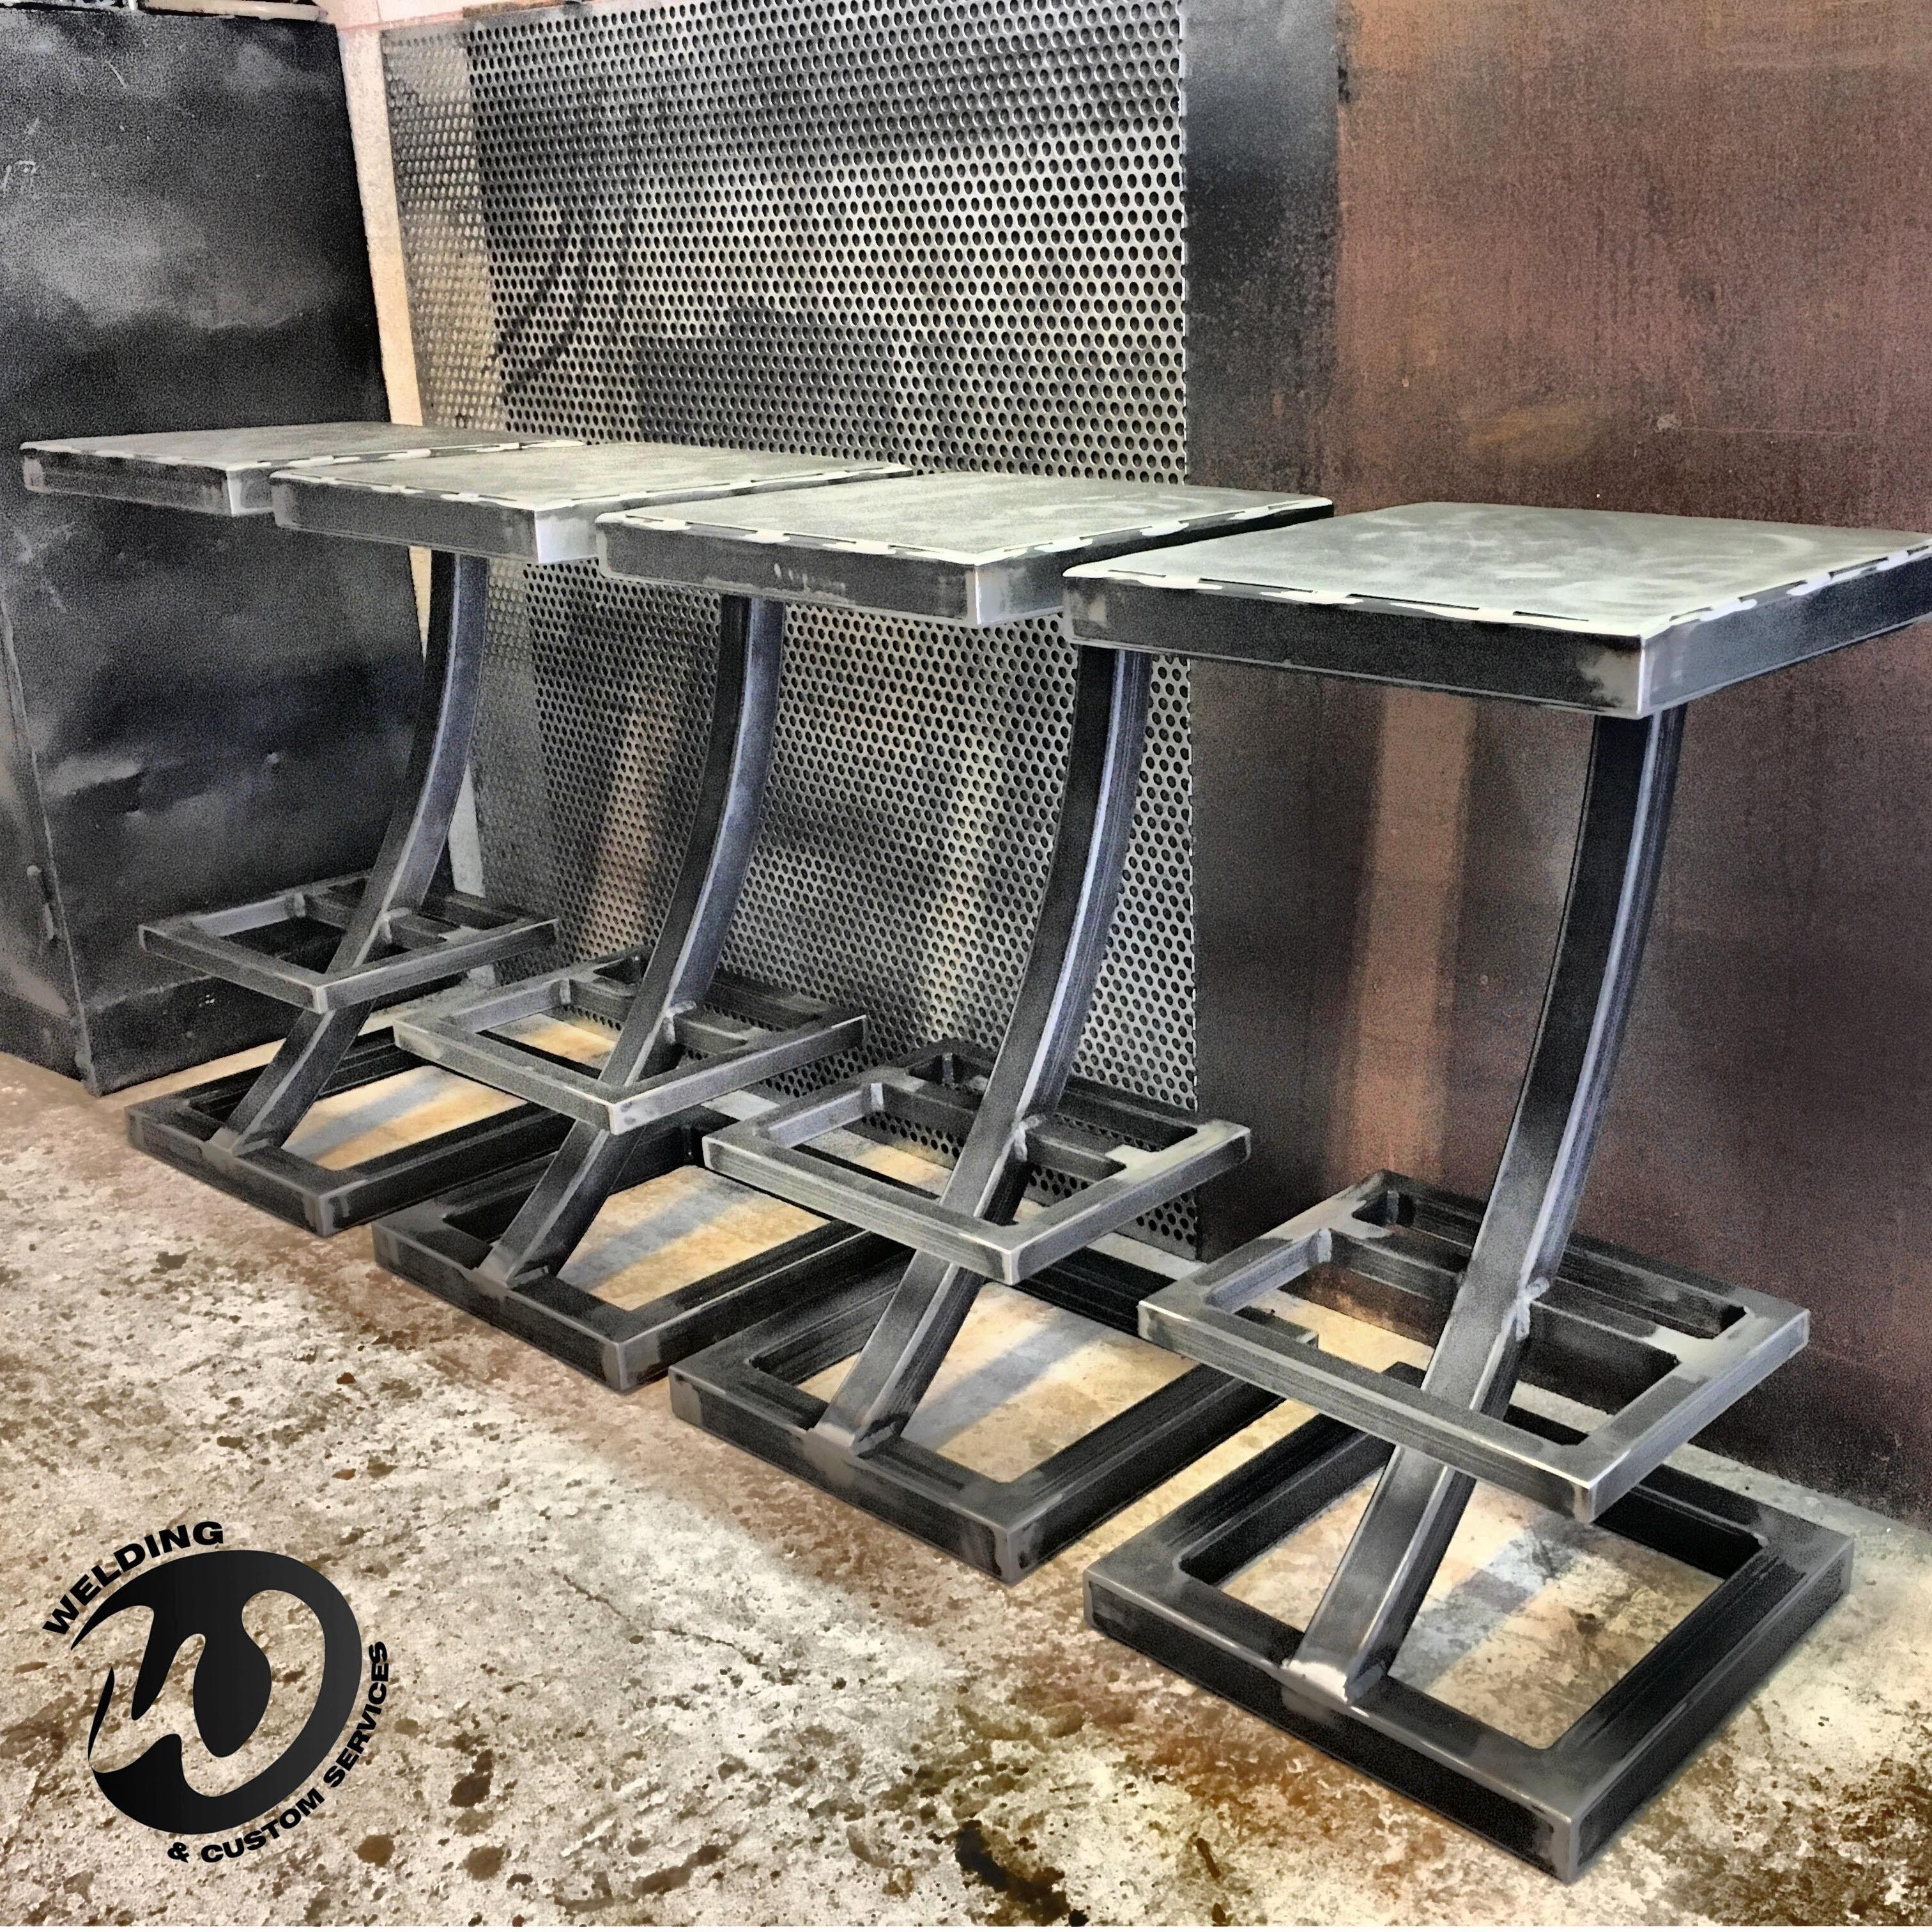 Tabouret De Bar Acier Design Industriel Realisation Sur Mesure Chaise Haute Meuble De Muebles De Cocina Rusticos Muebles De Metal Muebles Hierro Y Madera